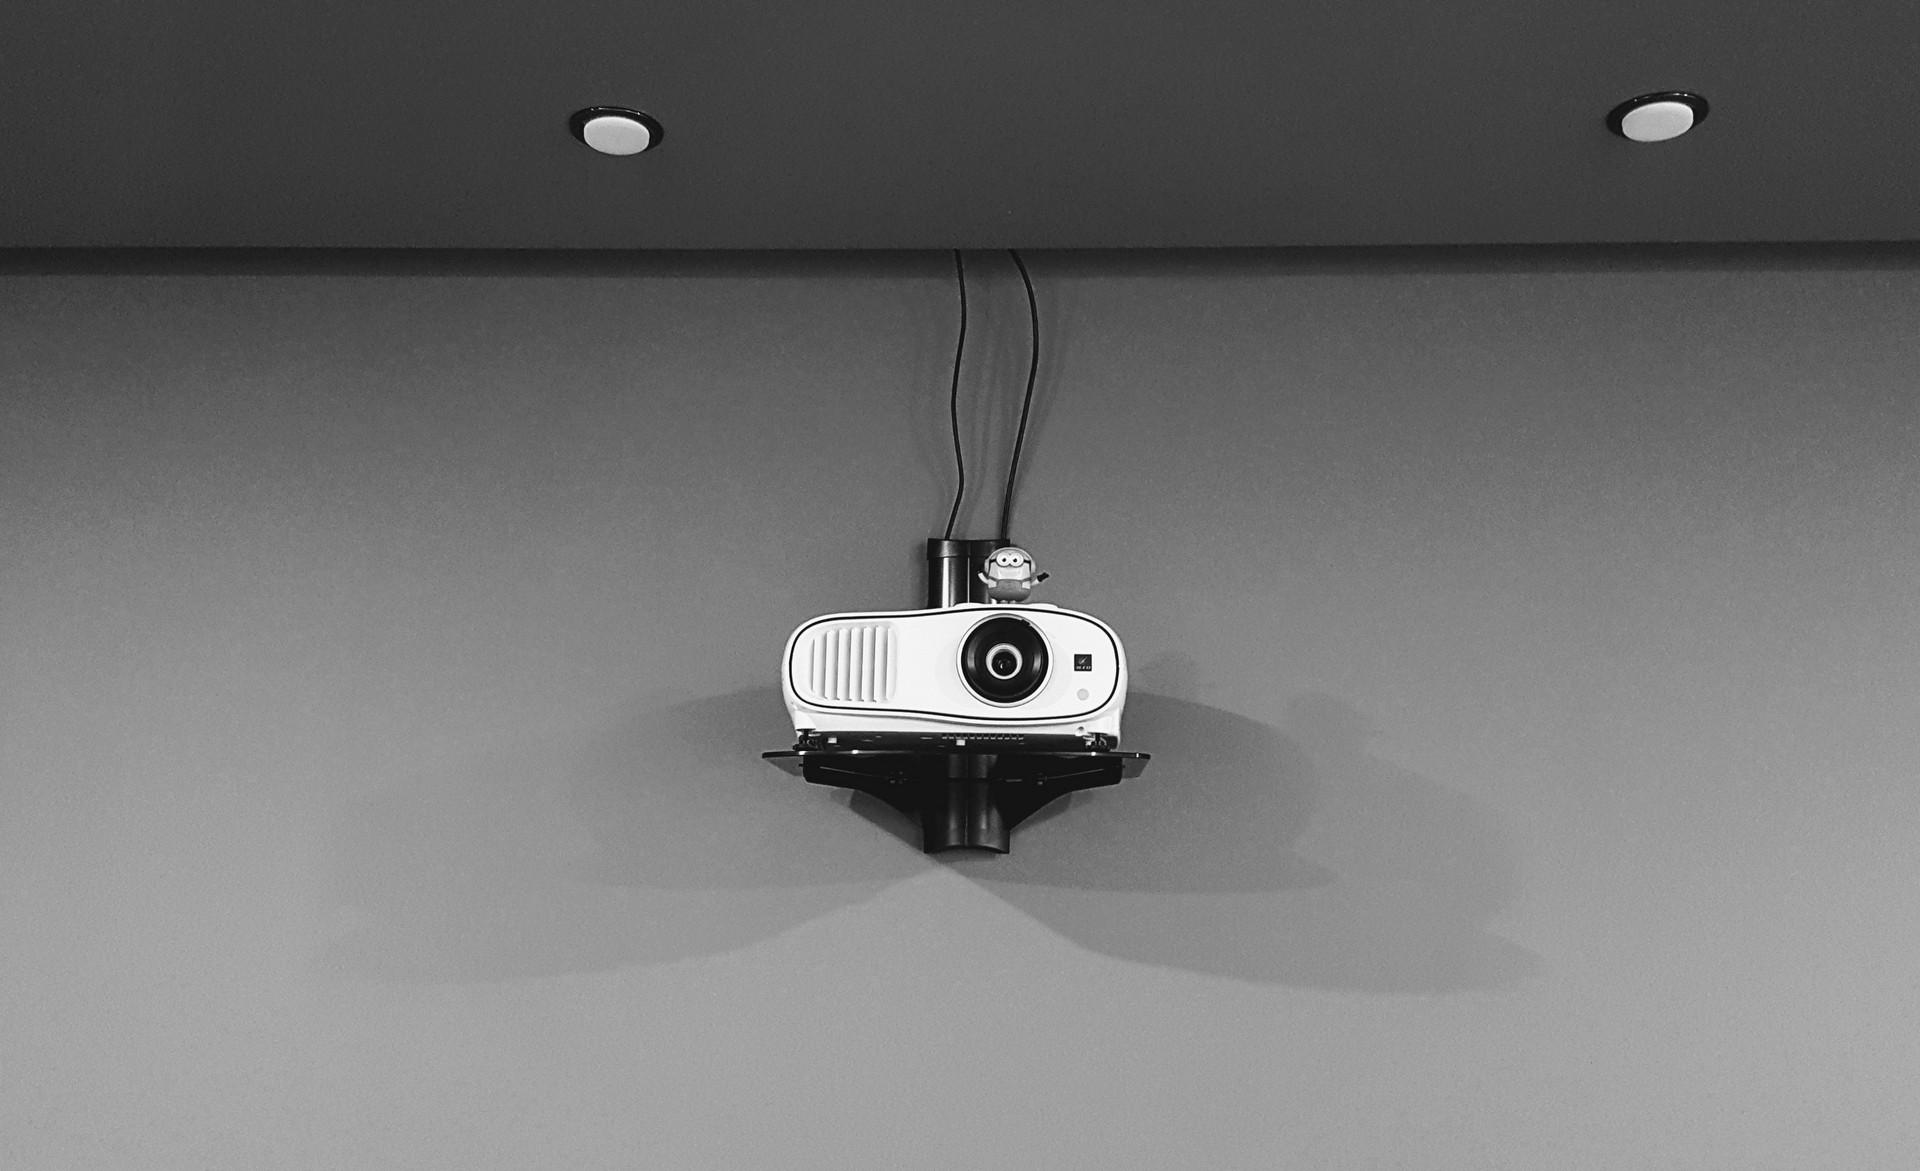 Проектор для кино на примере Epson EH-TW6700. Обзор и сравнение с LCD TV - 4